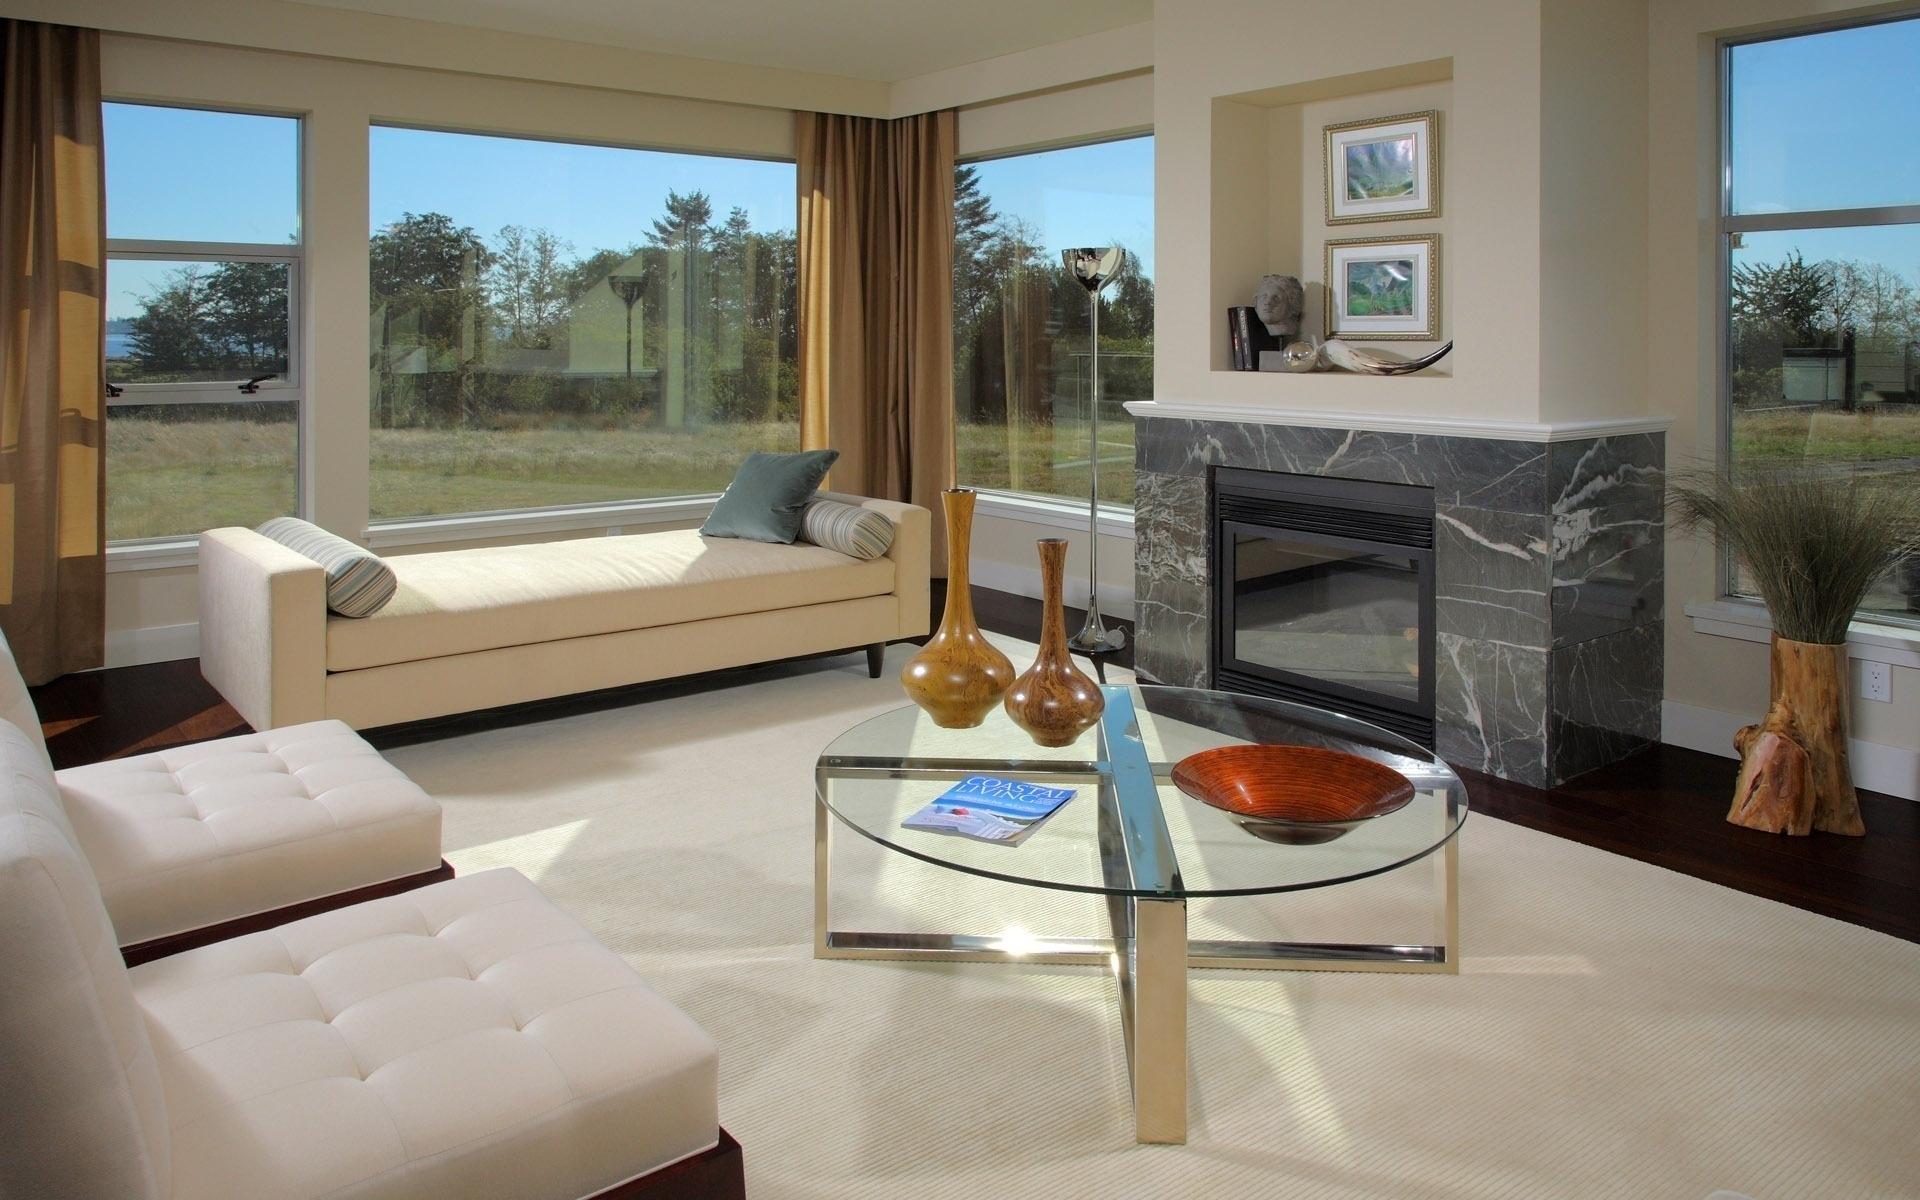 Fondos de pantalla ventana habitaci n moderno piscina Diseno de interiores de apartamentos modernos